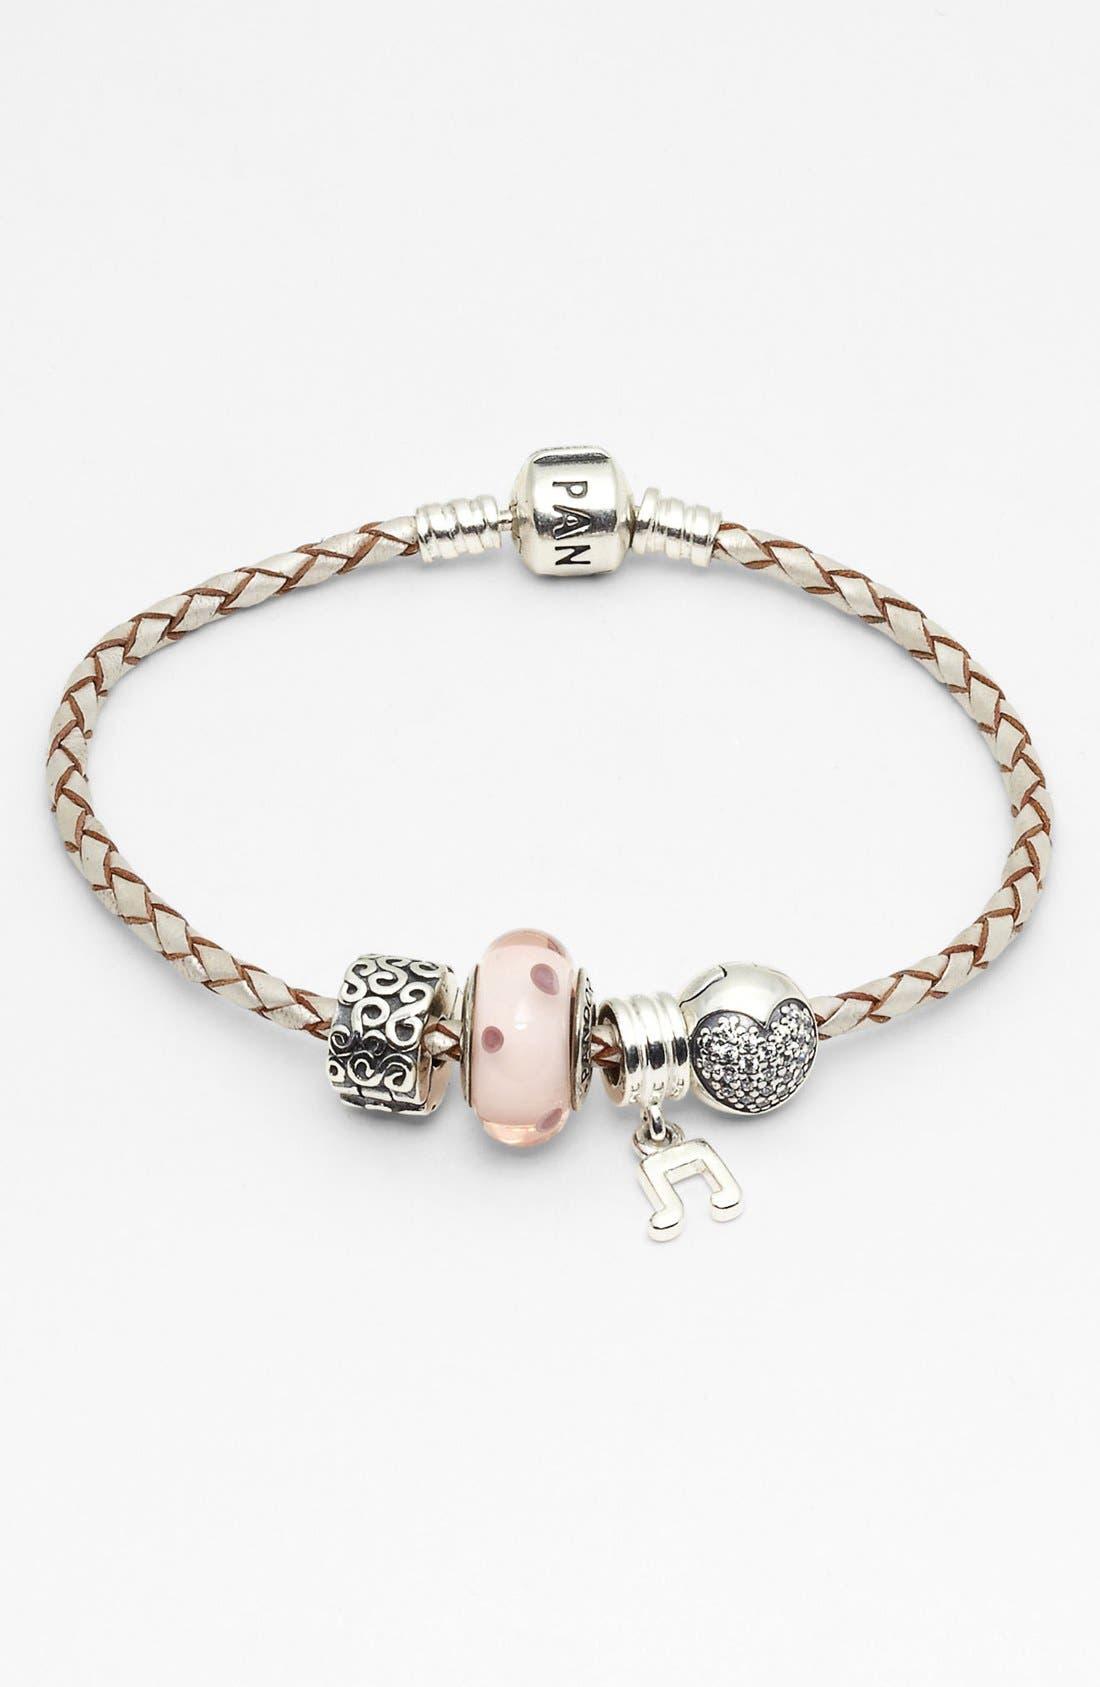 PANDORA Leather Bracelet & Charms,                             Main thumbnail 1, color,                             045